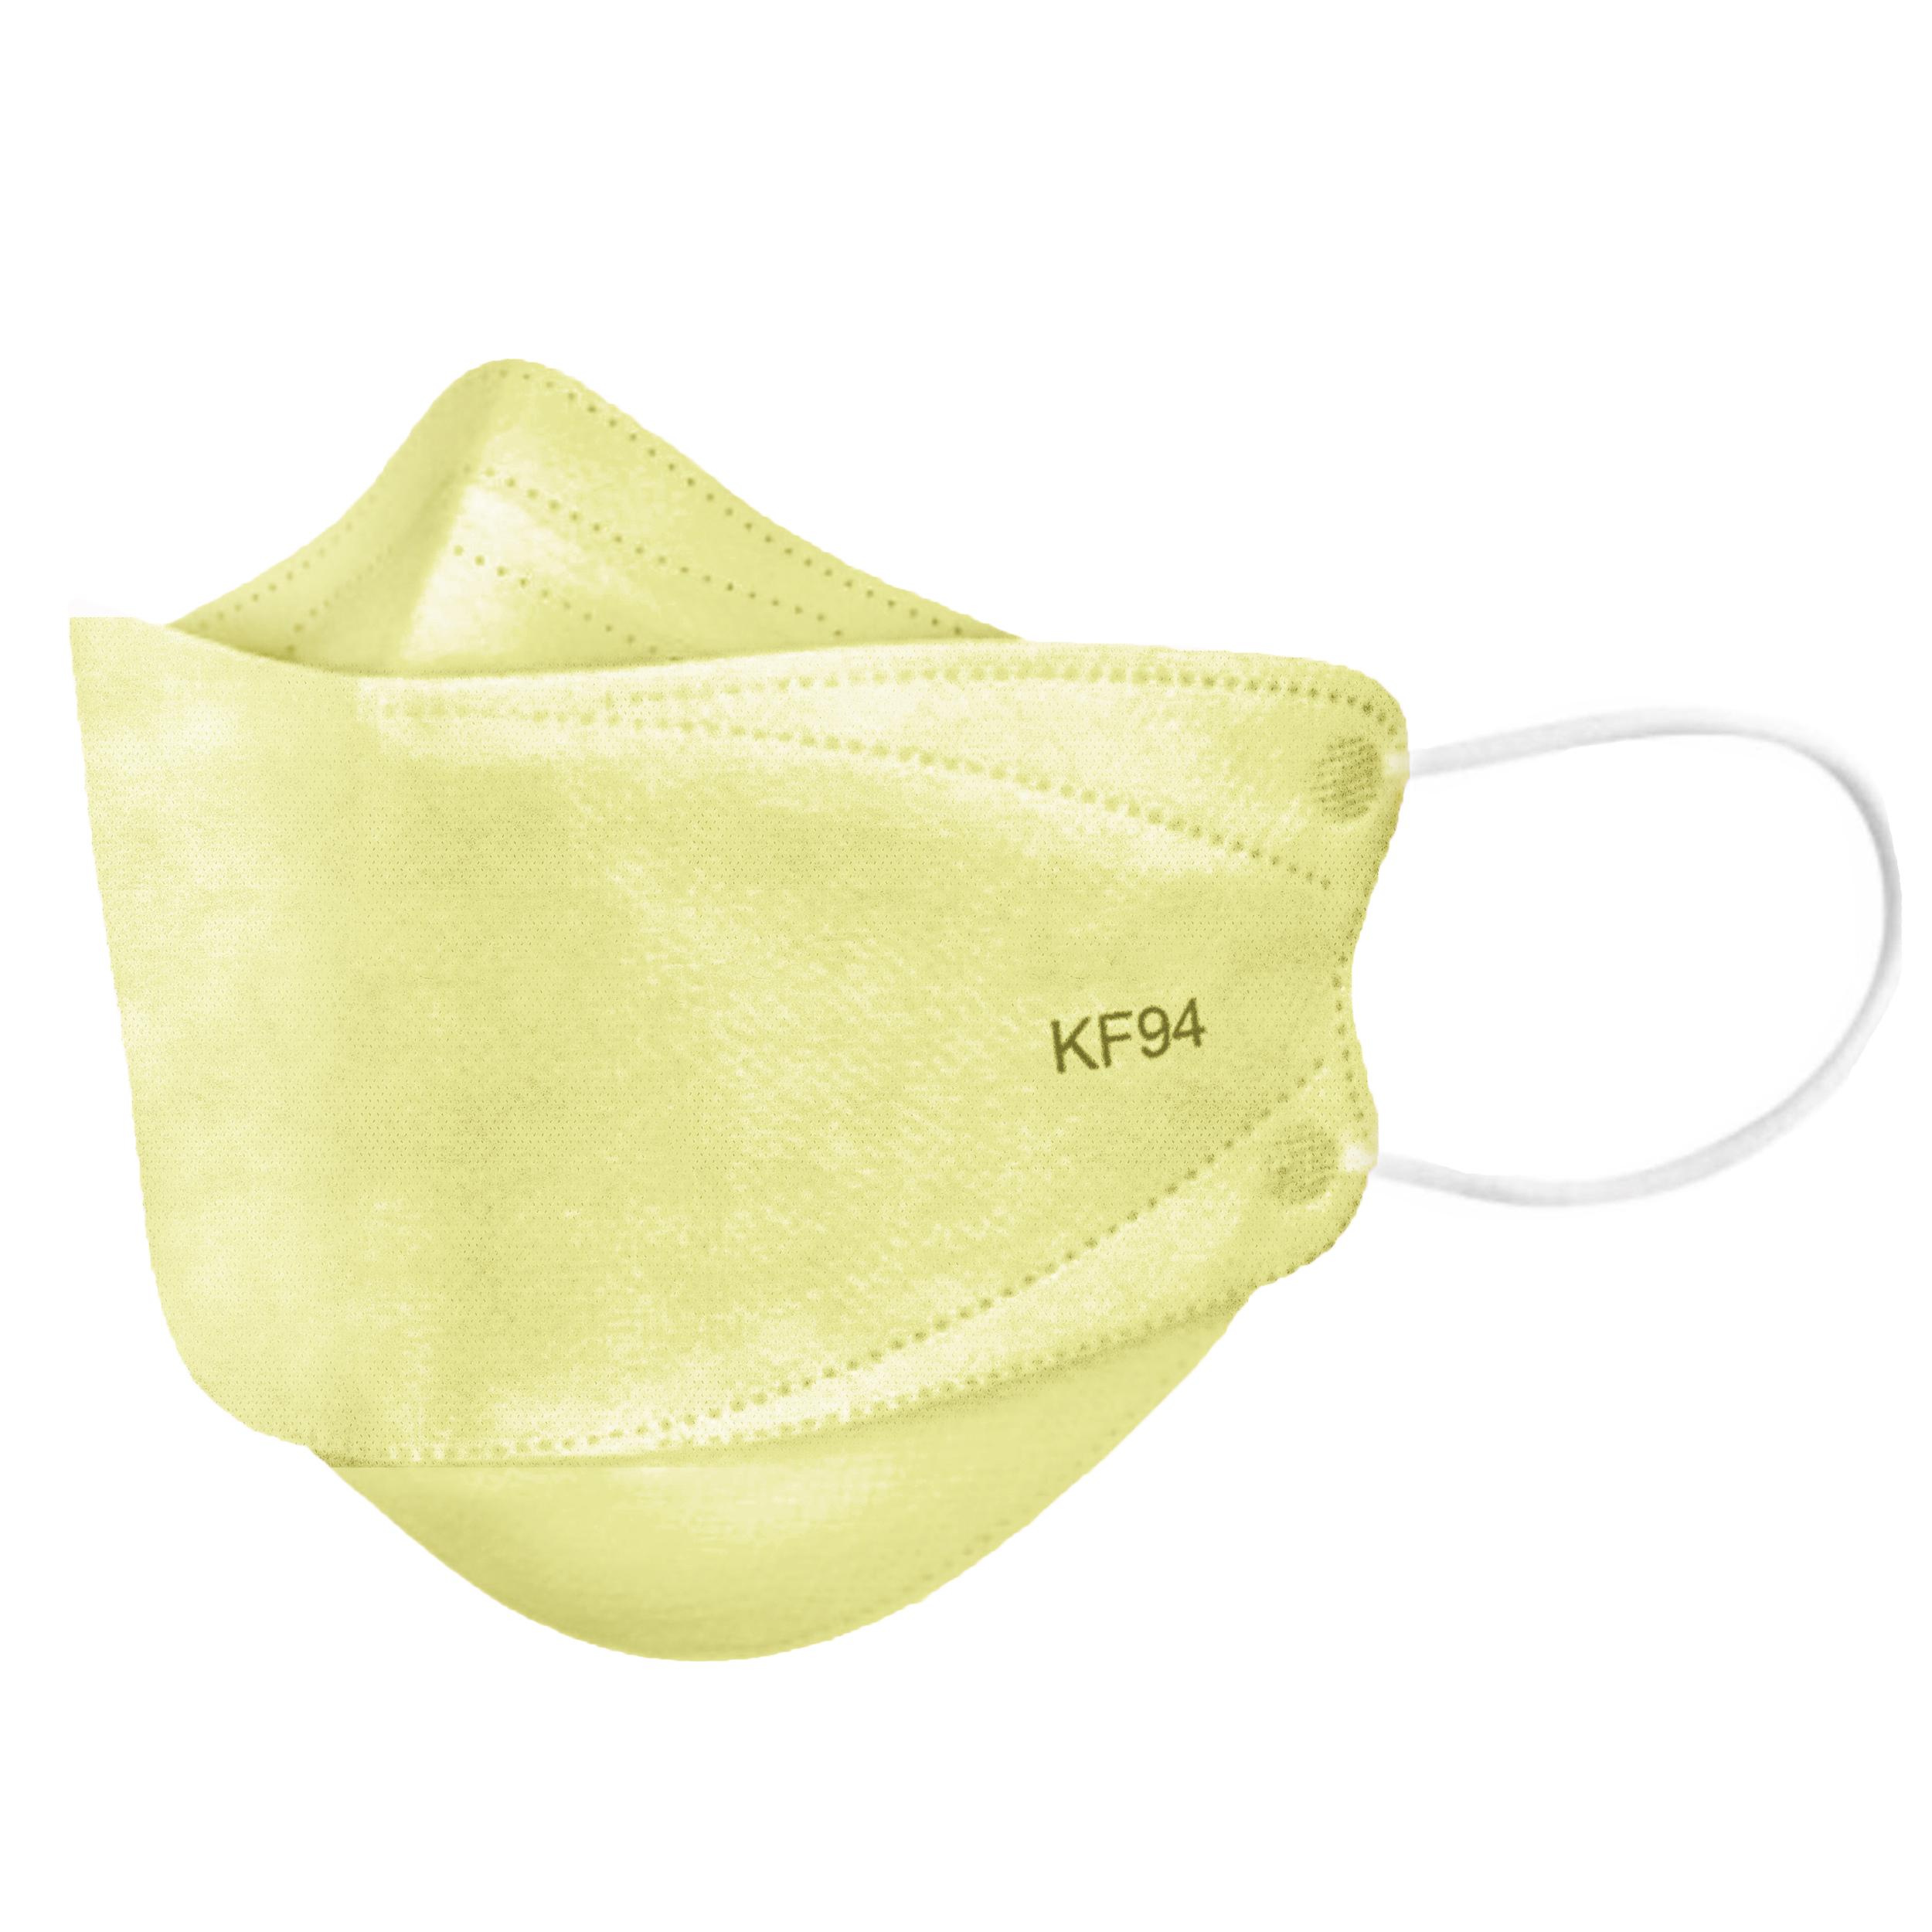 ماسک تنفسی کد 0063ZD بسته 25 عددی